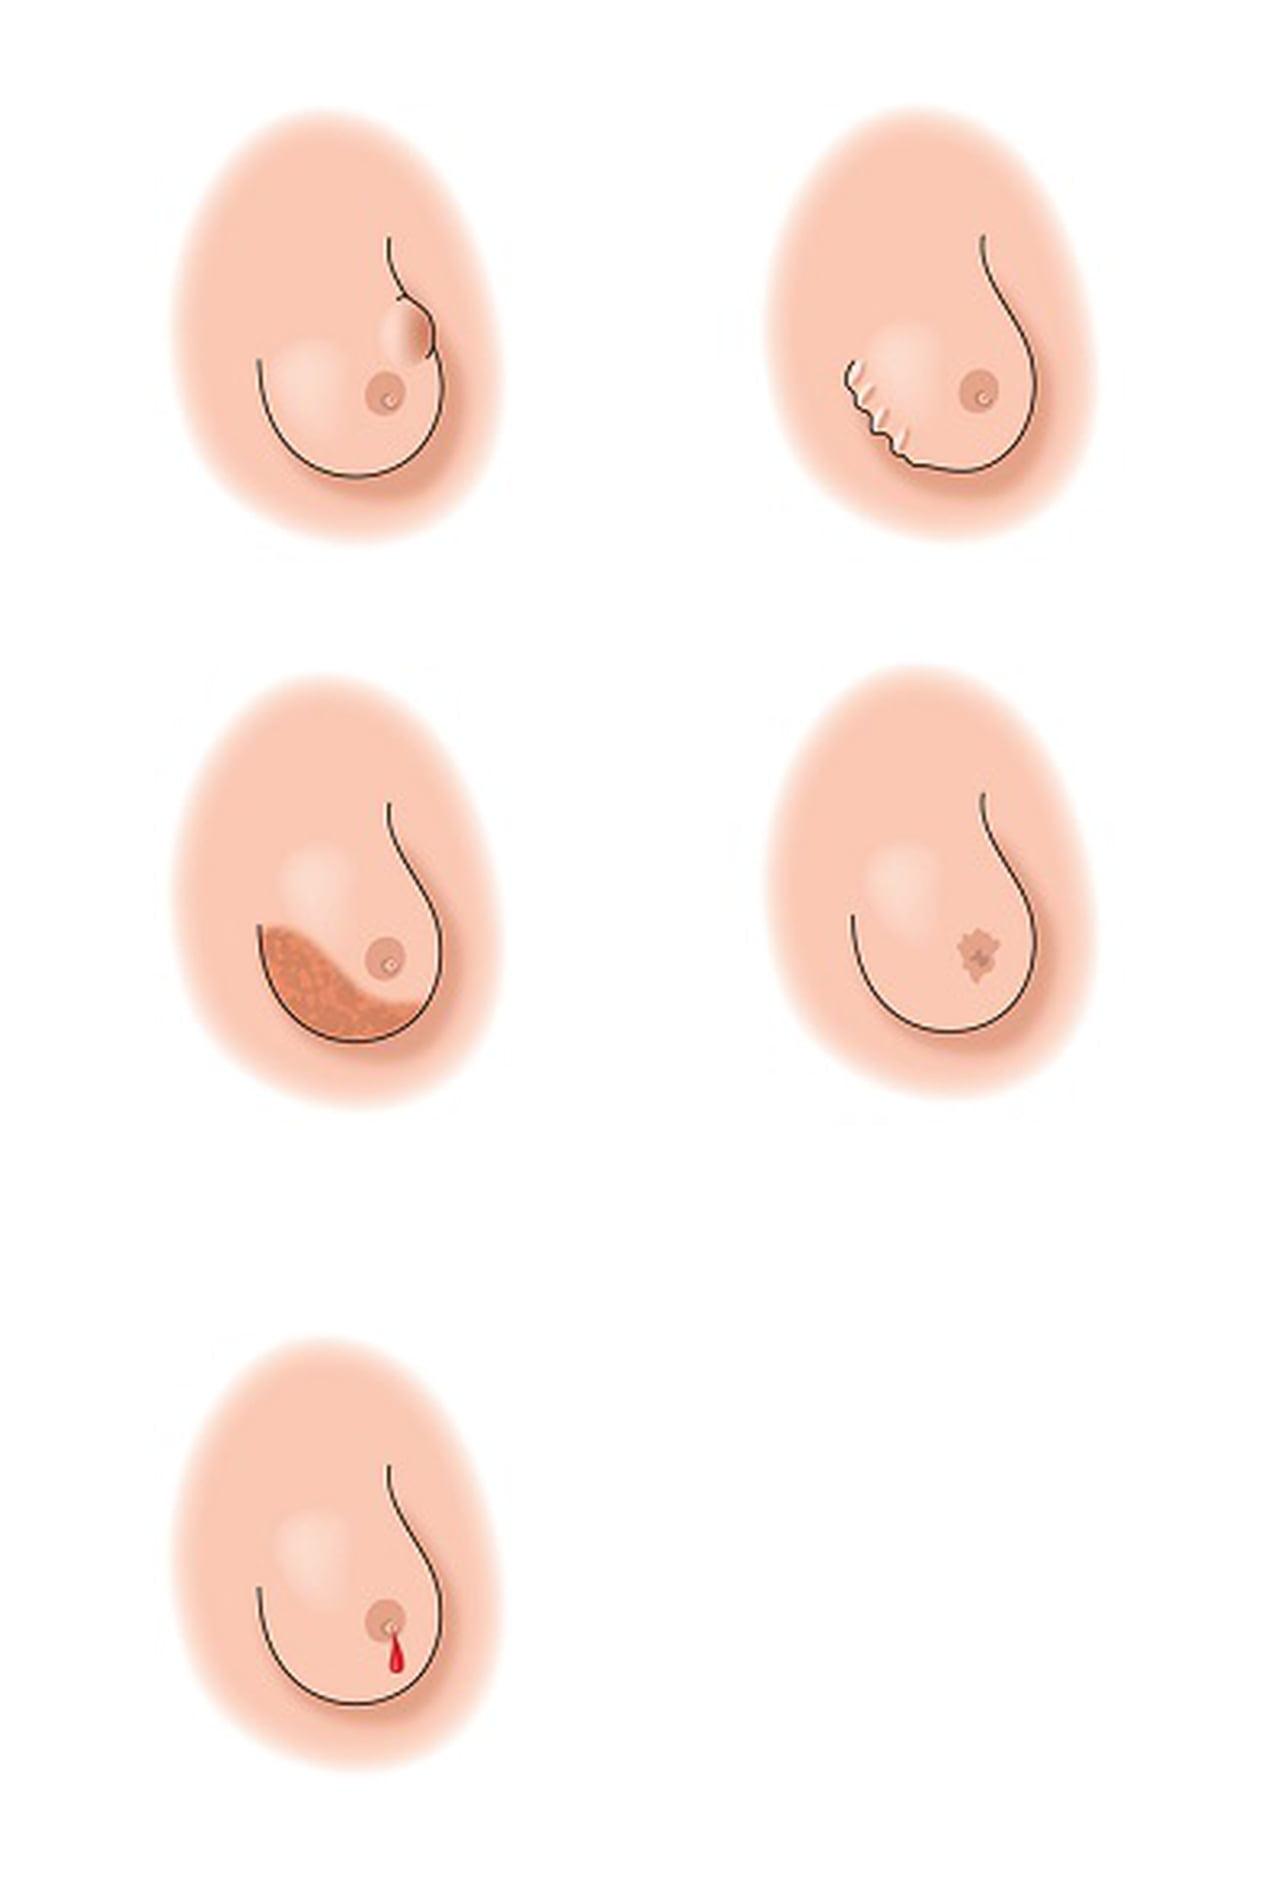 صور انواع ثدي المراة بالصور , معلومات علميه عن ثدي المراه بالصور